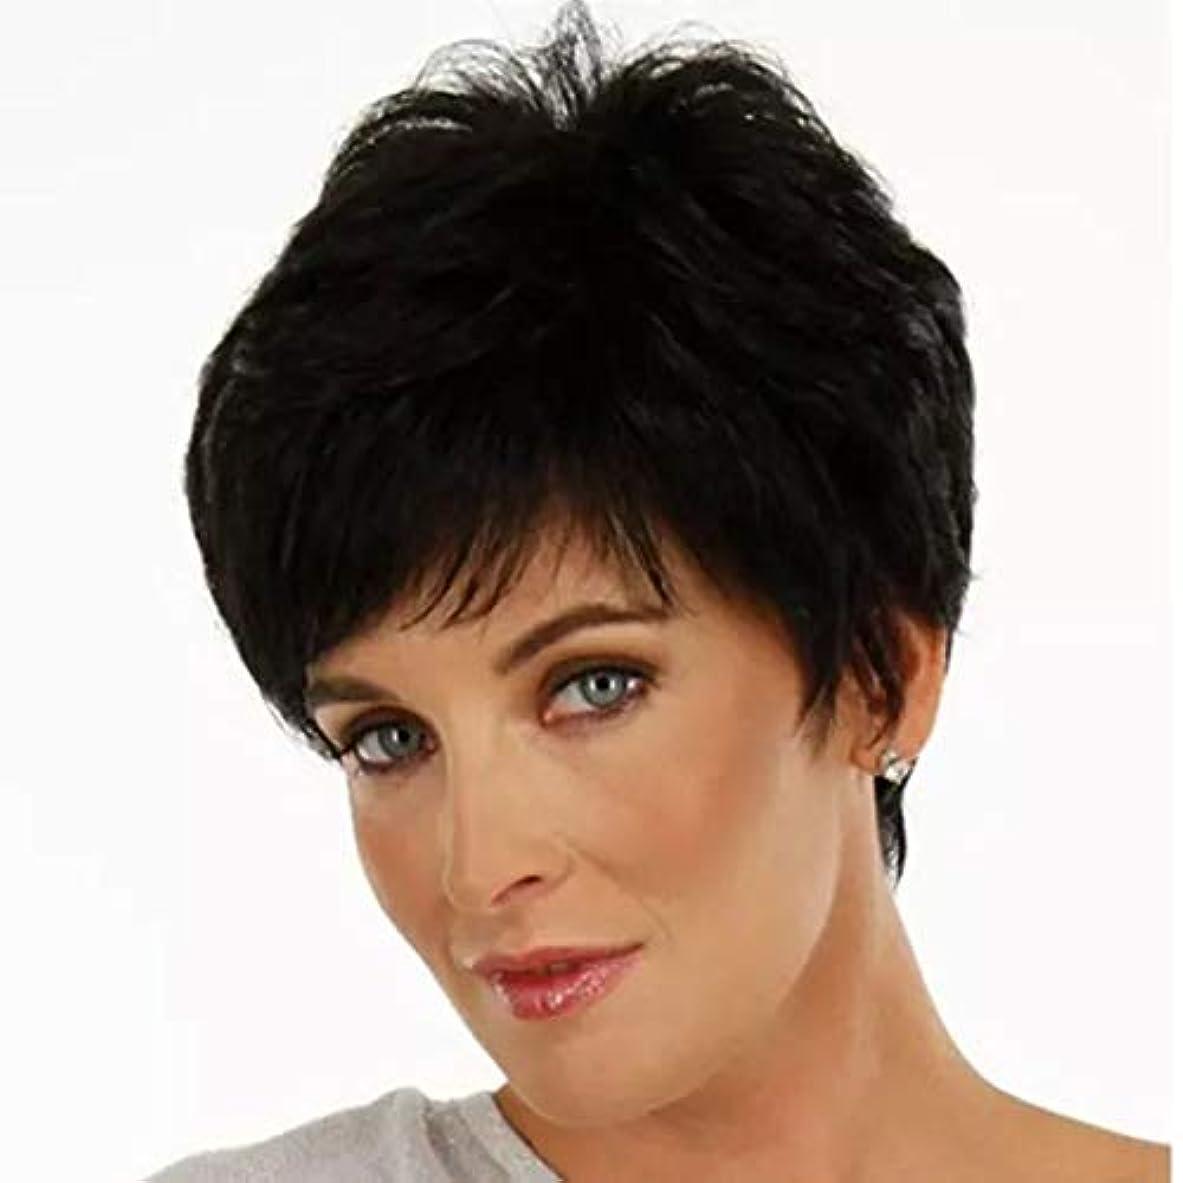 砂優先権パンKerwinner 女性のための短いストレートヘアケアファイバー高温シルクウィッグヘッドギアをかつら